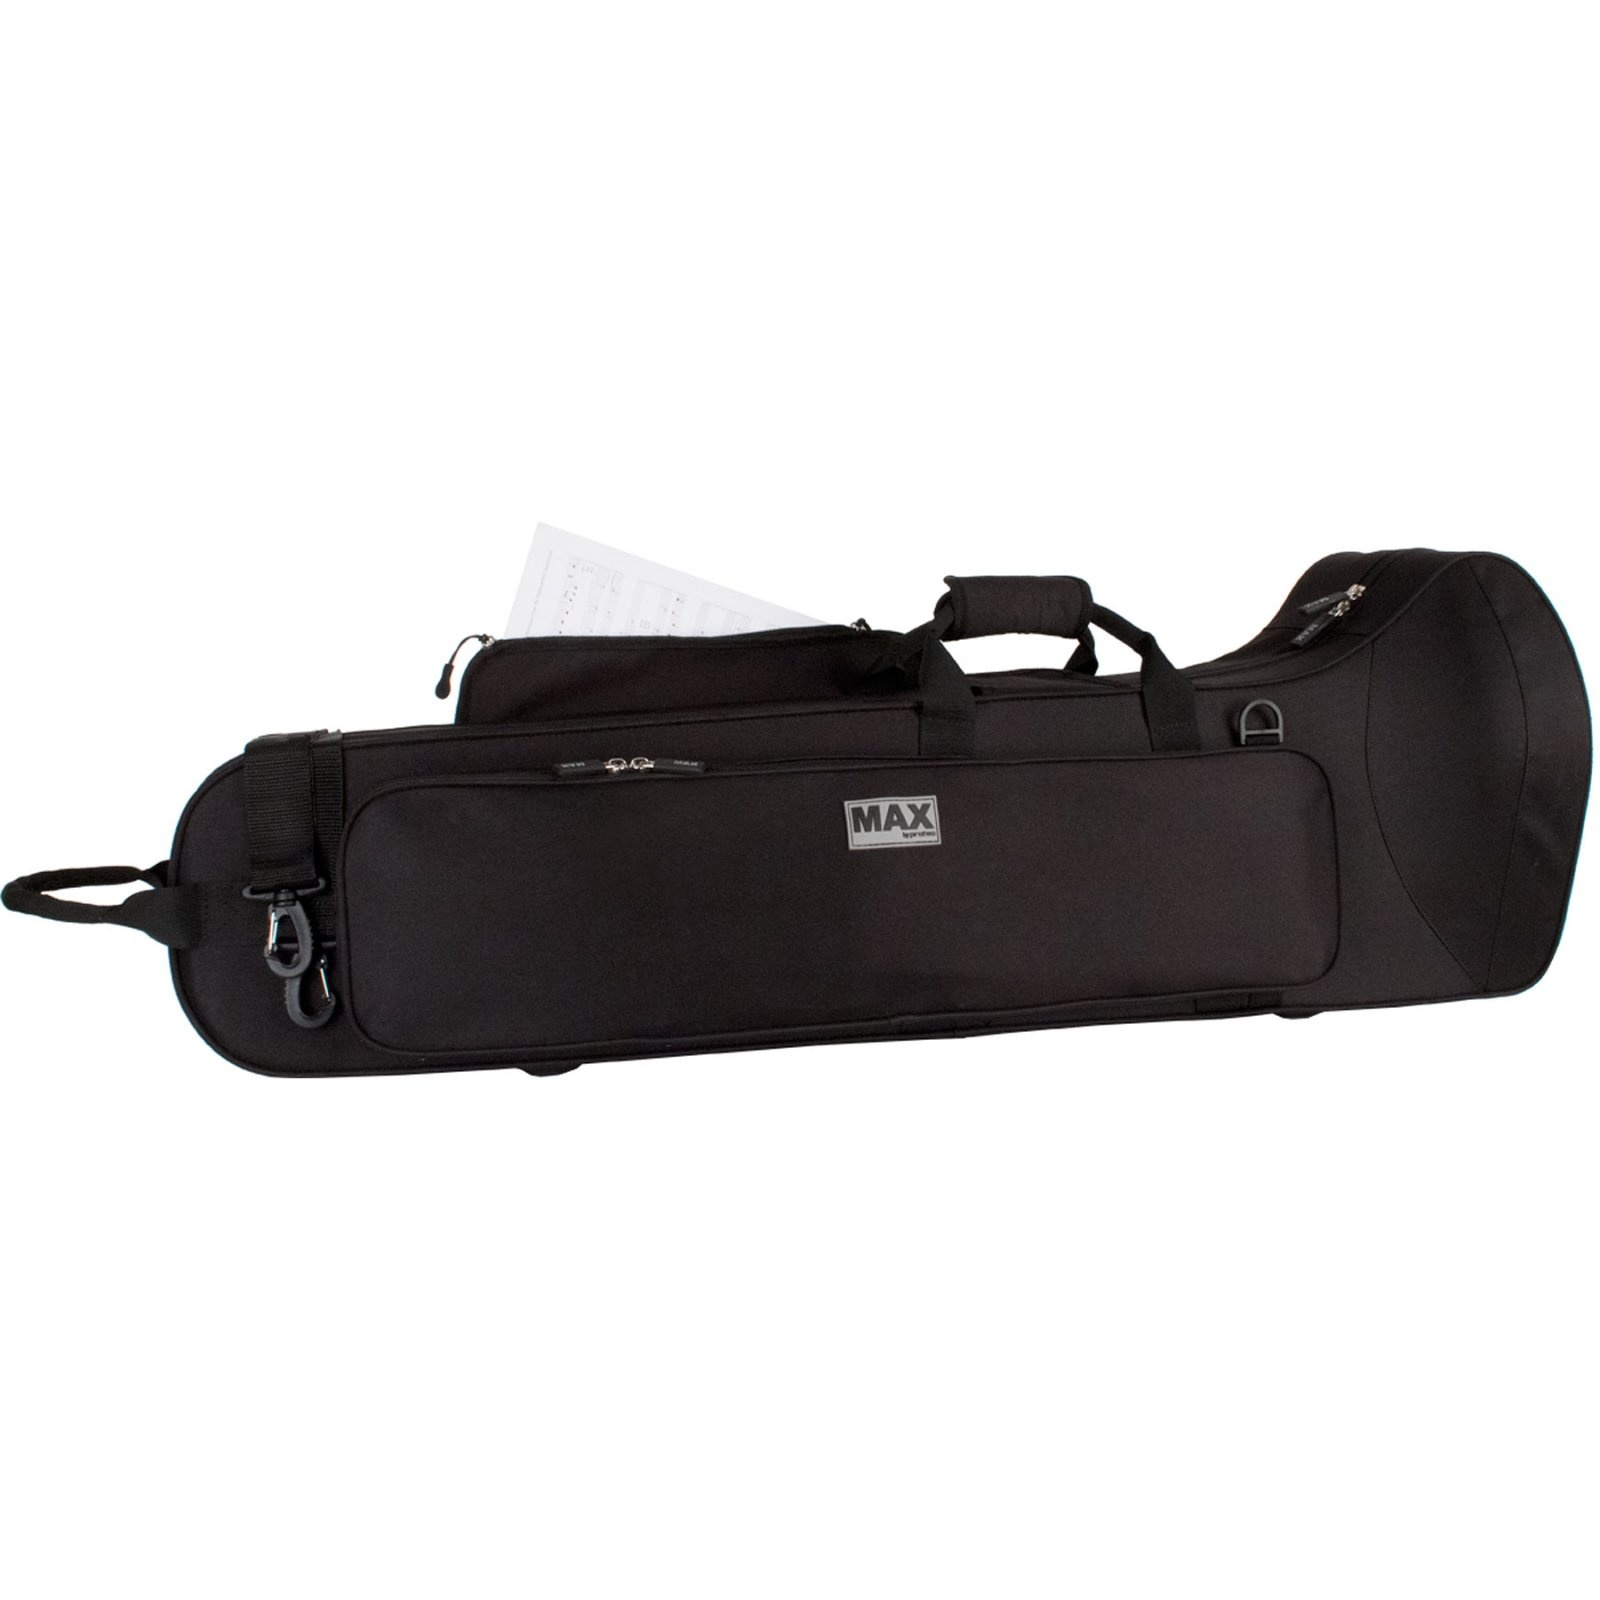 Protec Protec MAX Contoured Tenor Trombone Case